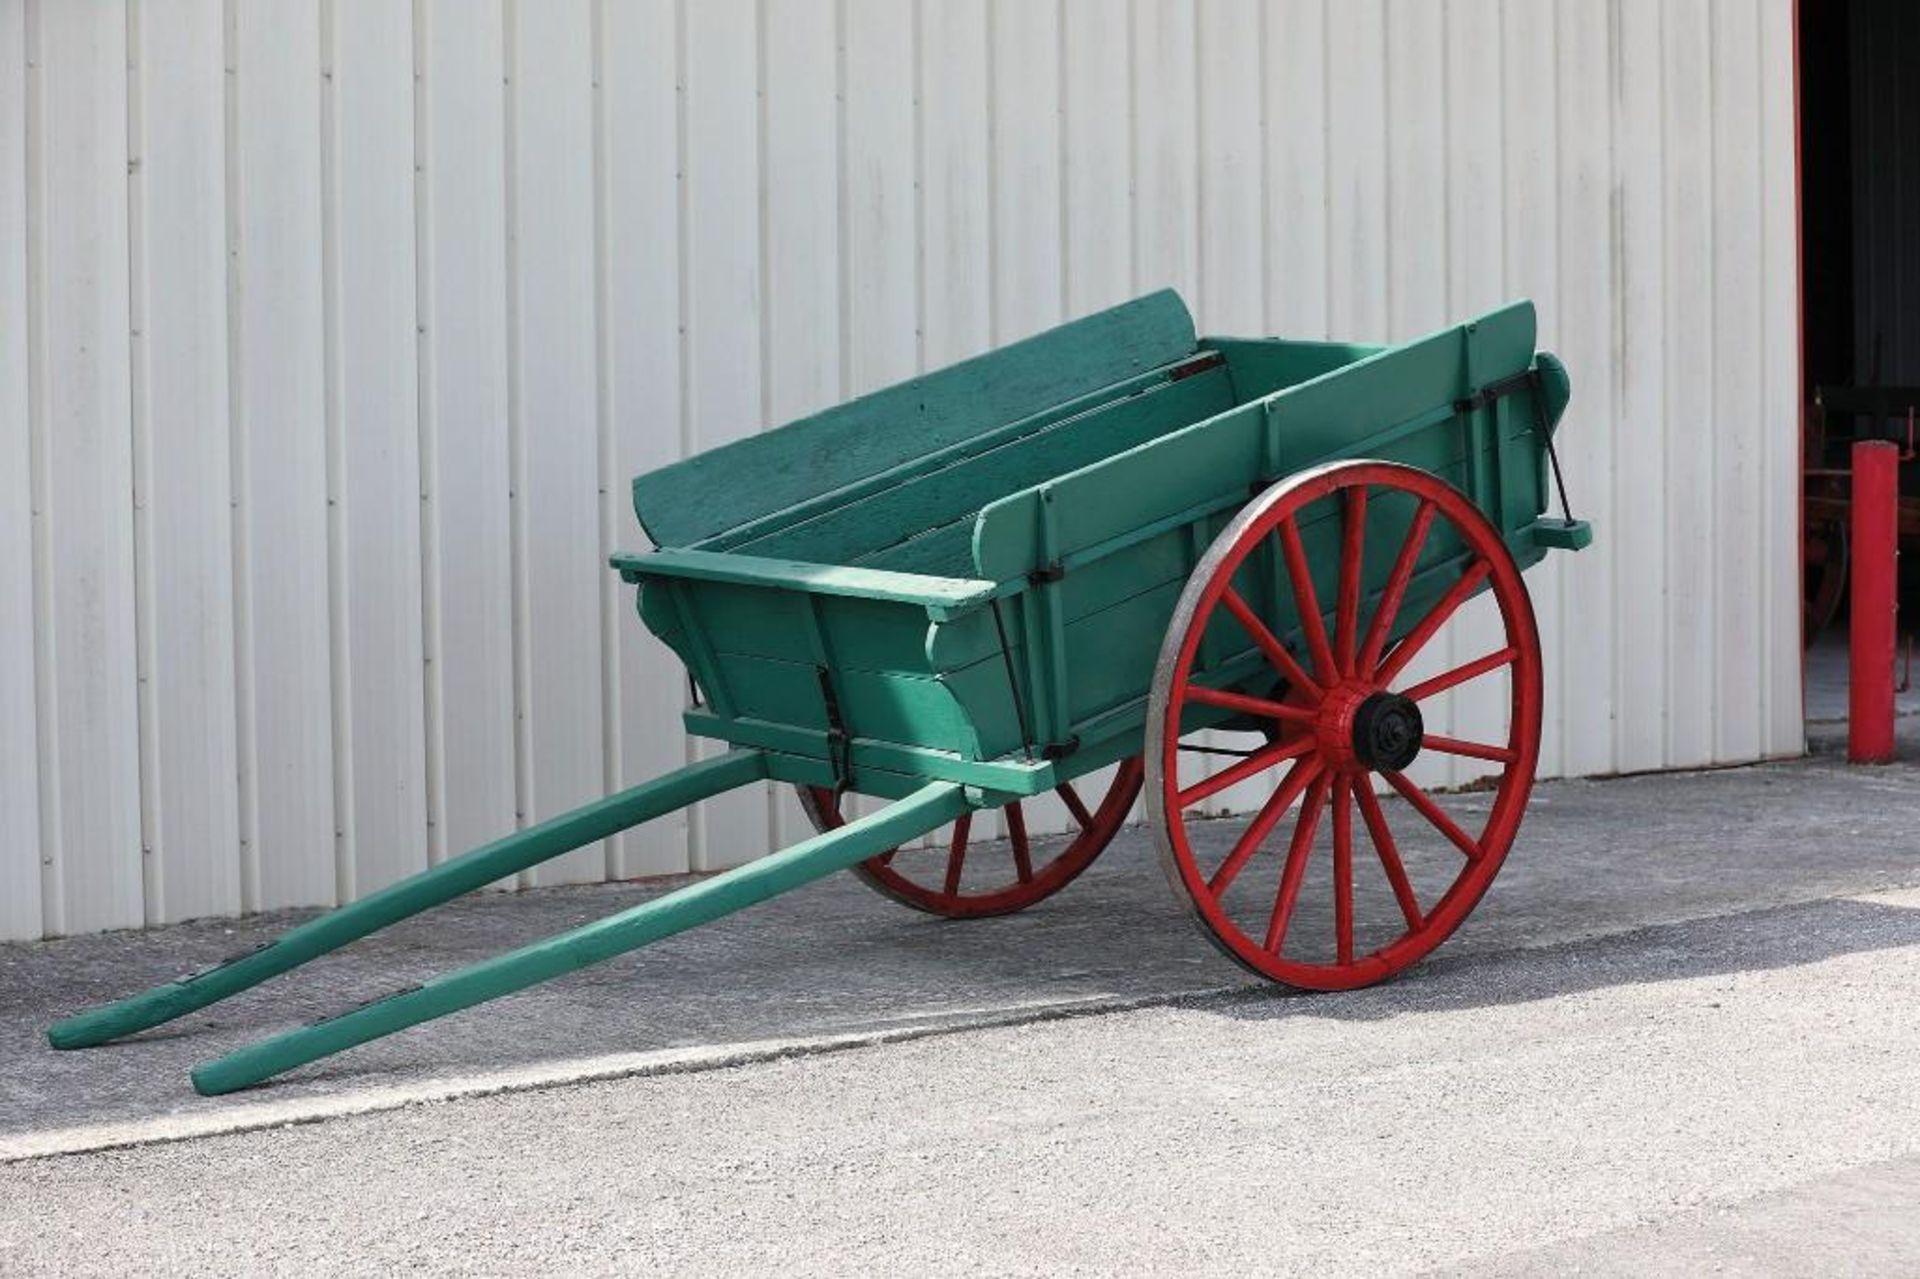 Horse-Size 2-Wheel Cart - Image 2 of 2